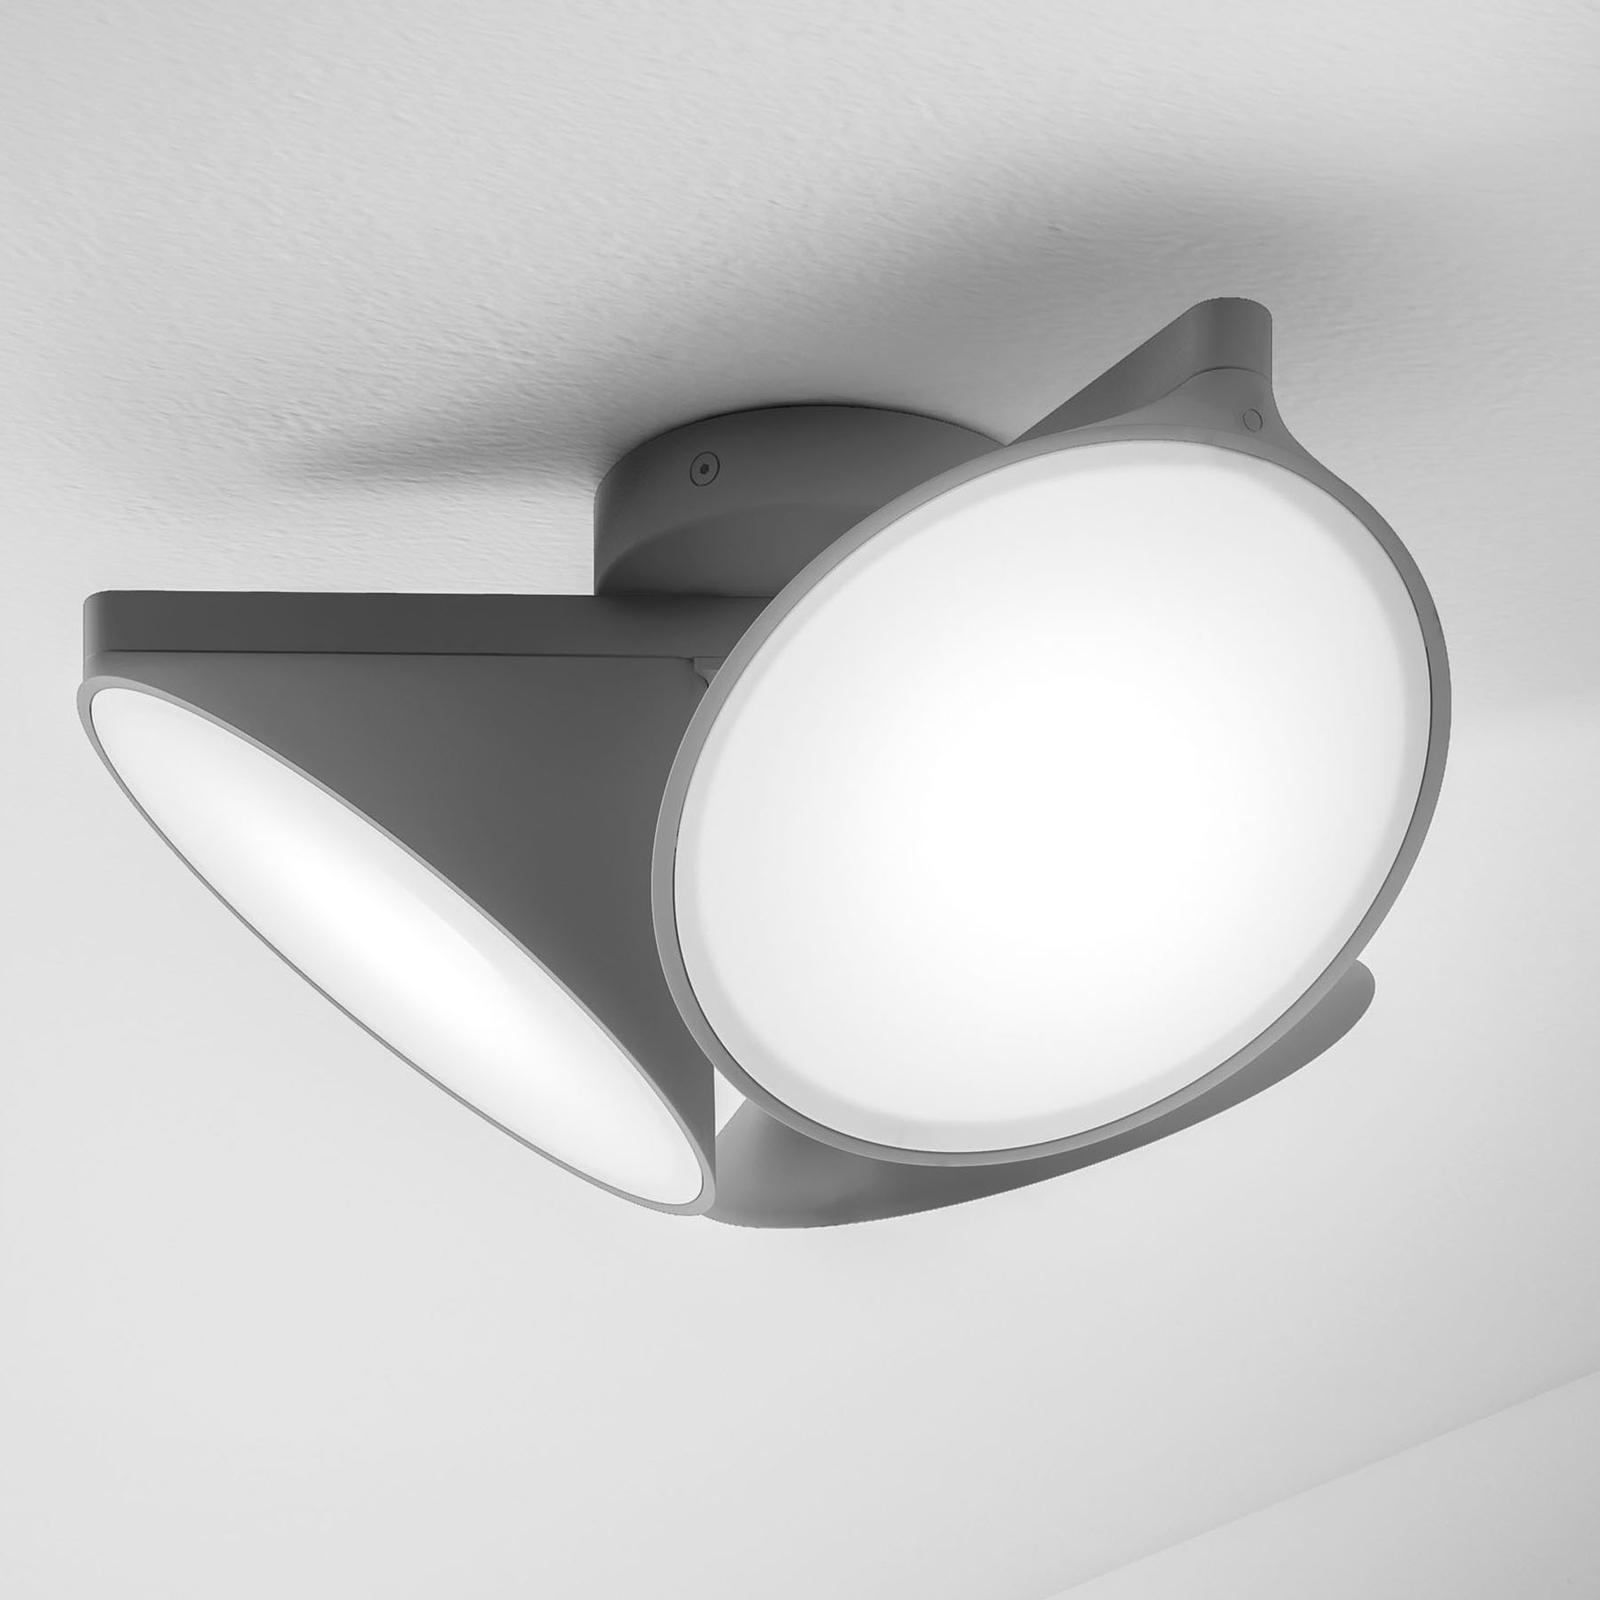 Axolight Orchid plafonnier LED, gris foncé